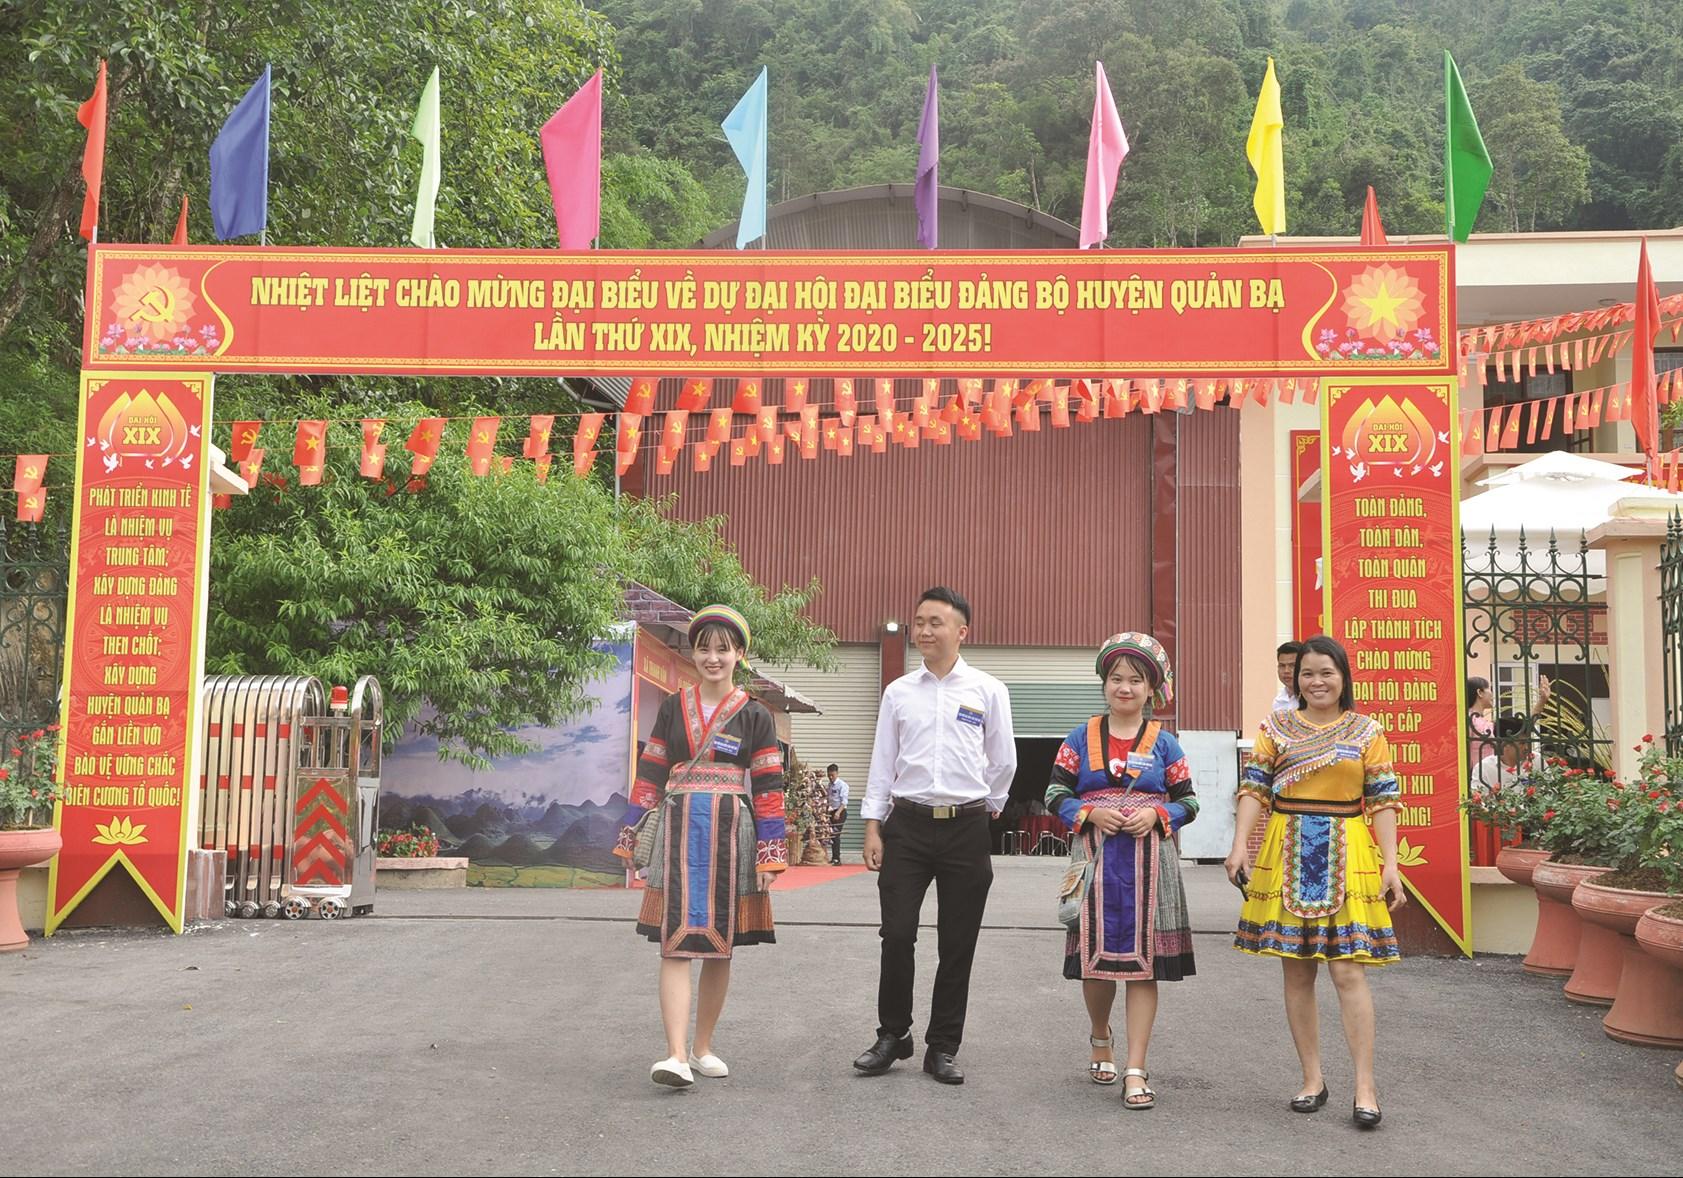 Cán bộ DTTS phấn khởi tham dự Đại hội Đại biểu Đảng bộ huyện Quản Bạ (Hà Giang) lần thứ XIX, nhiệm kỳ 2020 - 2025.